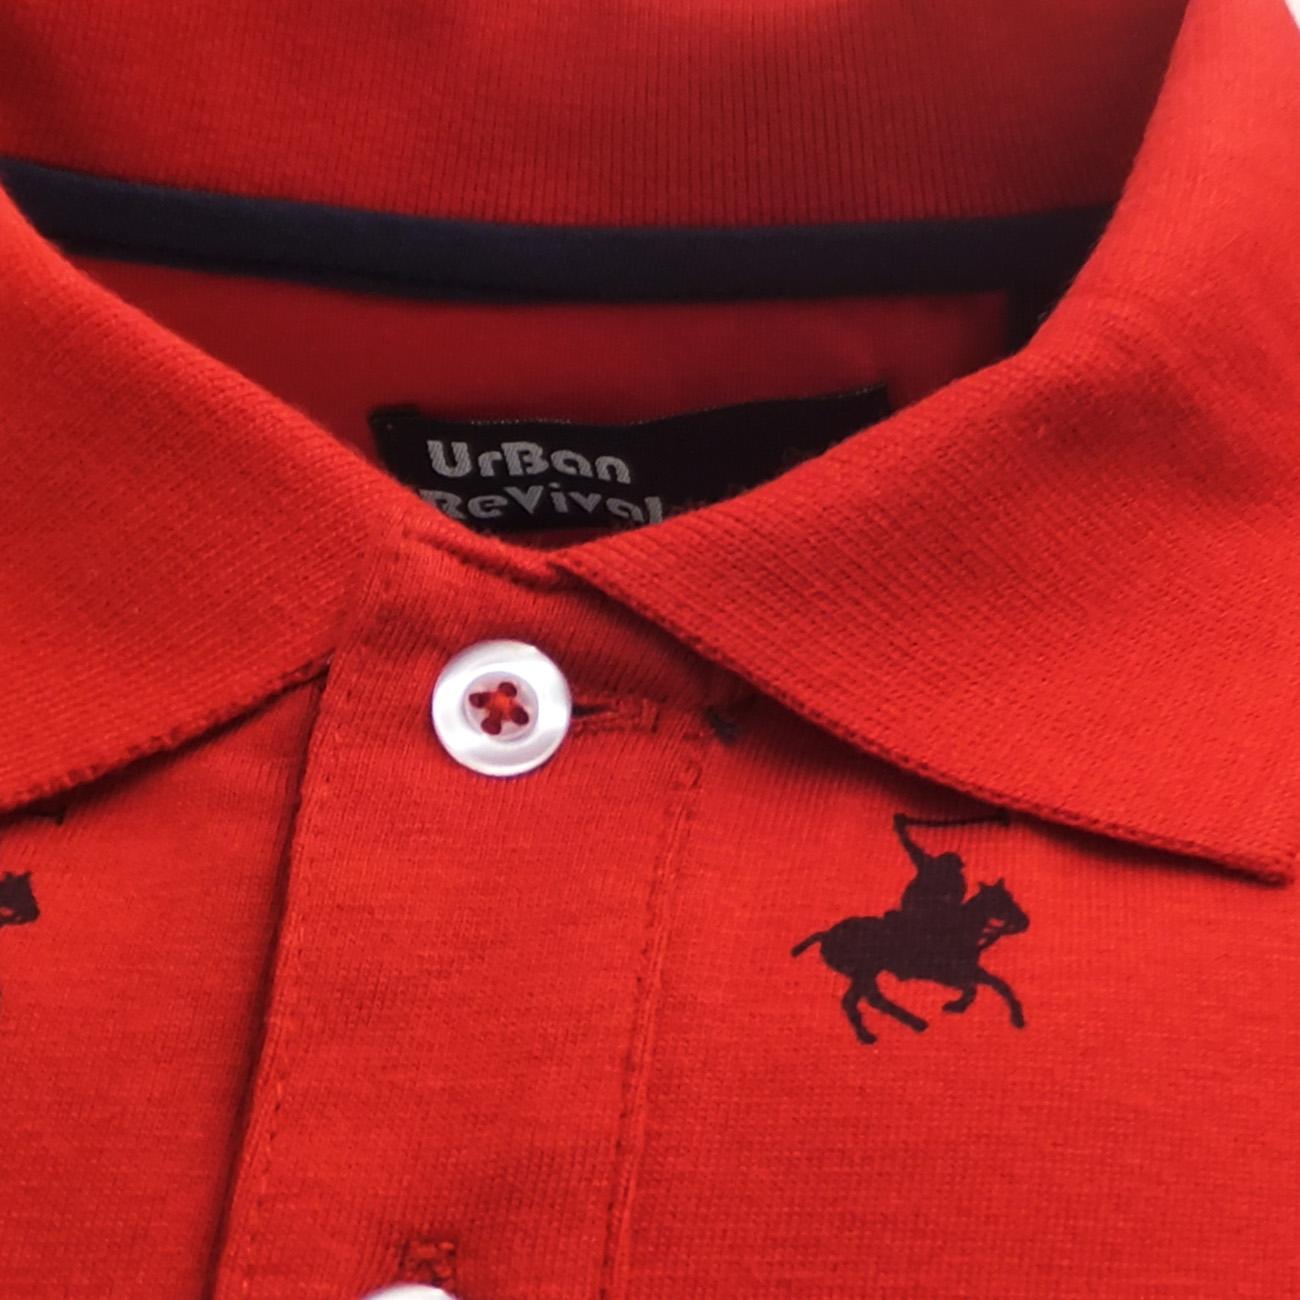 Mens Polos Urban Revival Polo Shirt Horse Polo Player Logo Grey